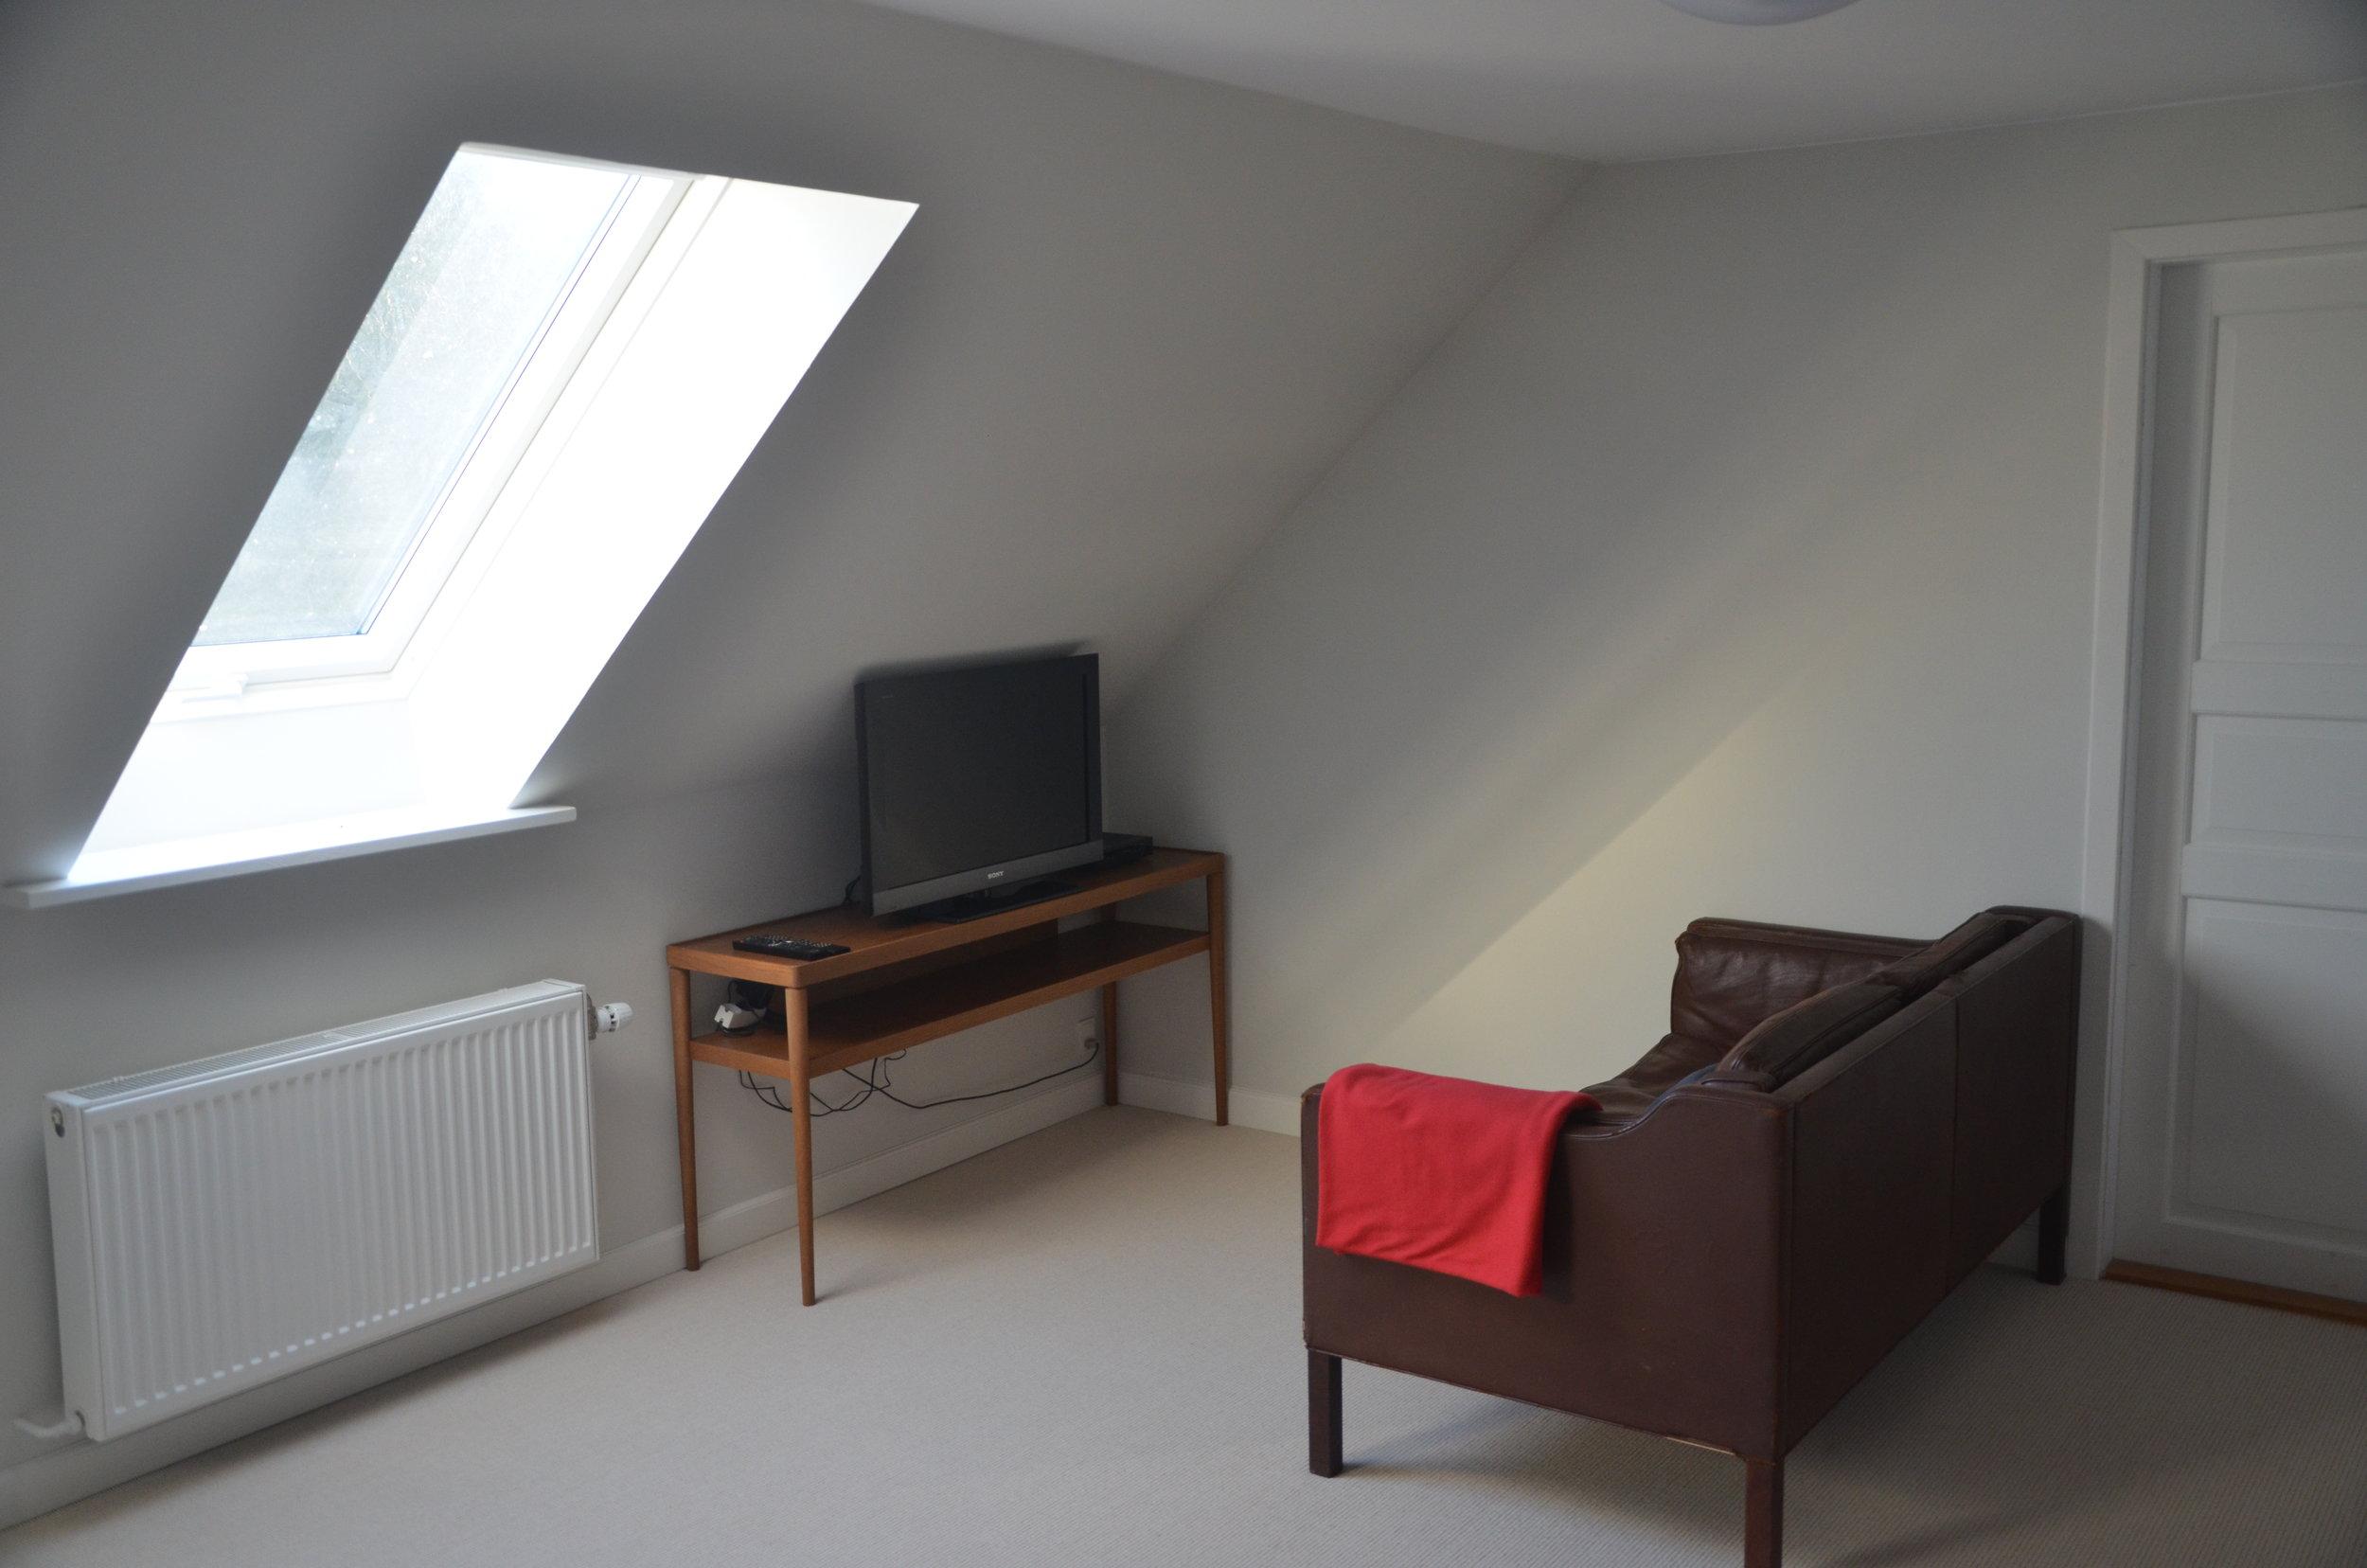 B Living Room 11.JPG